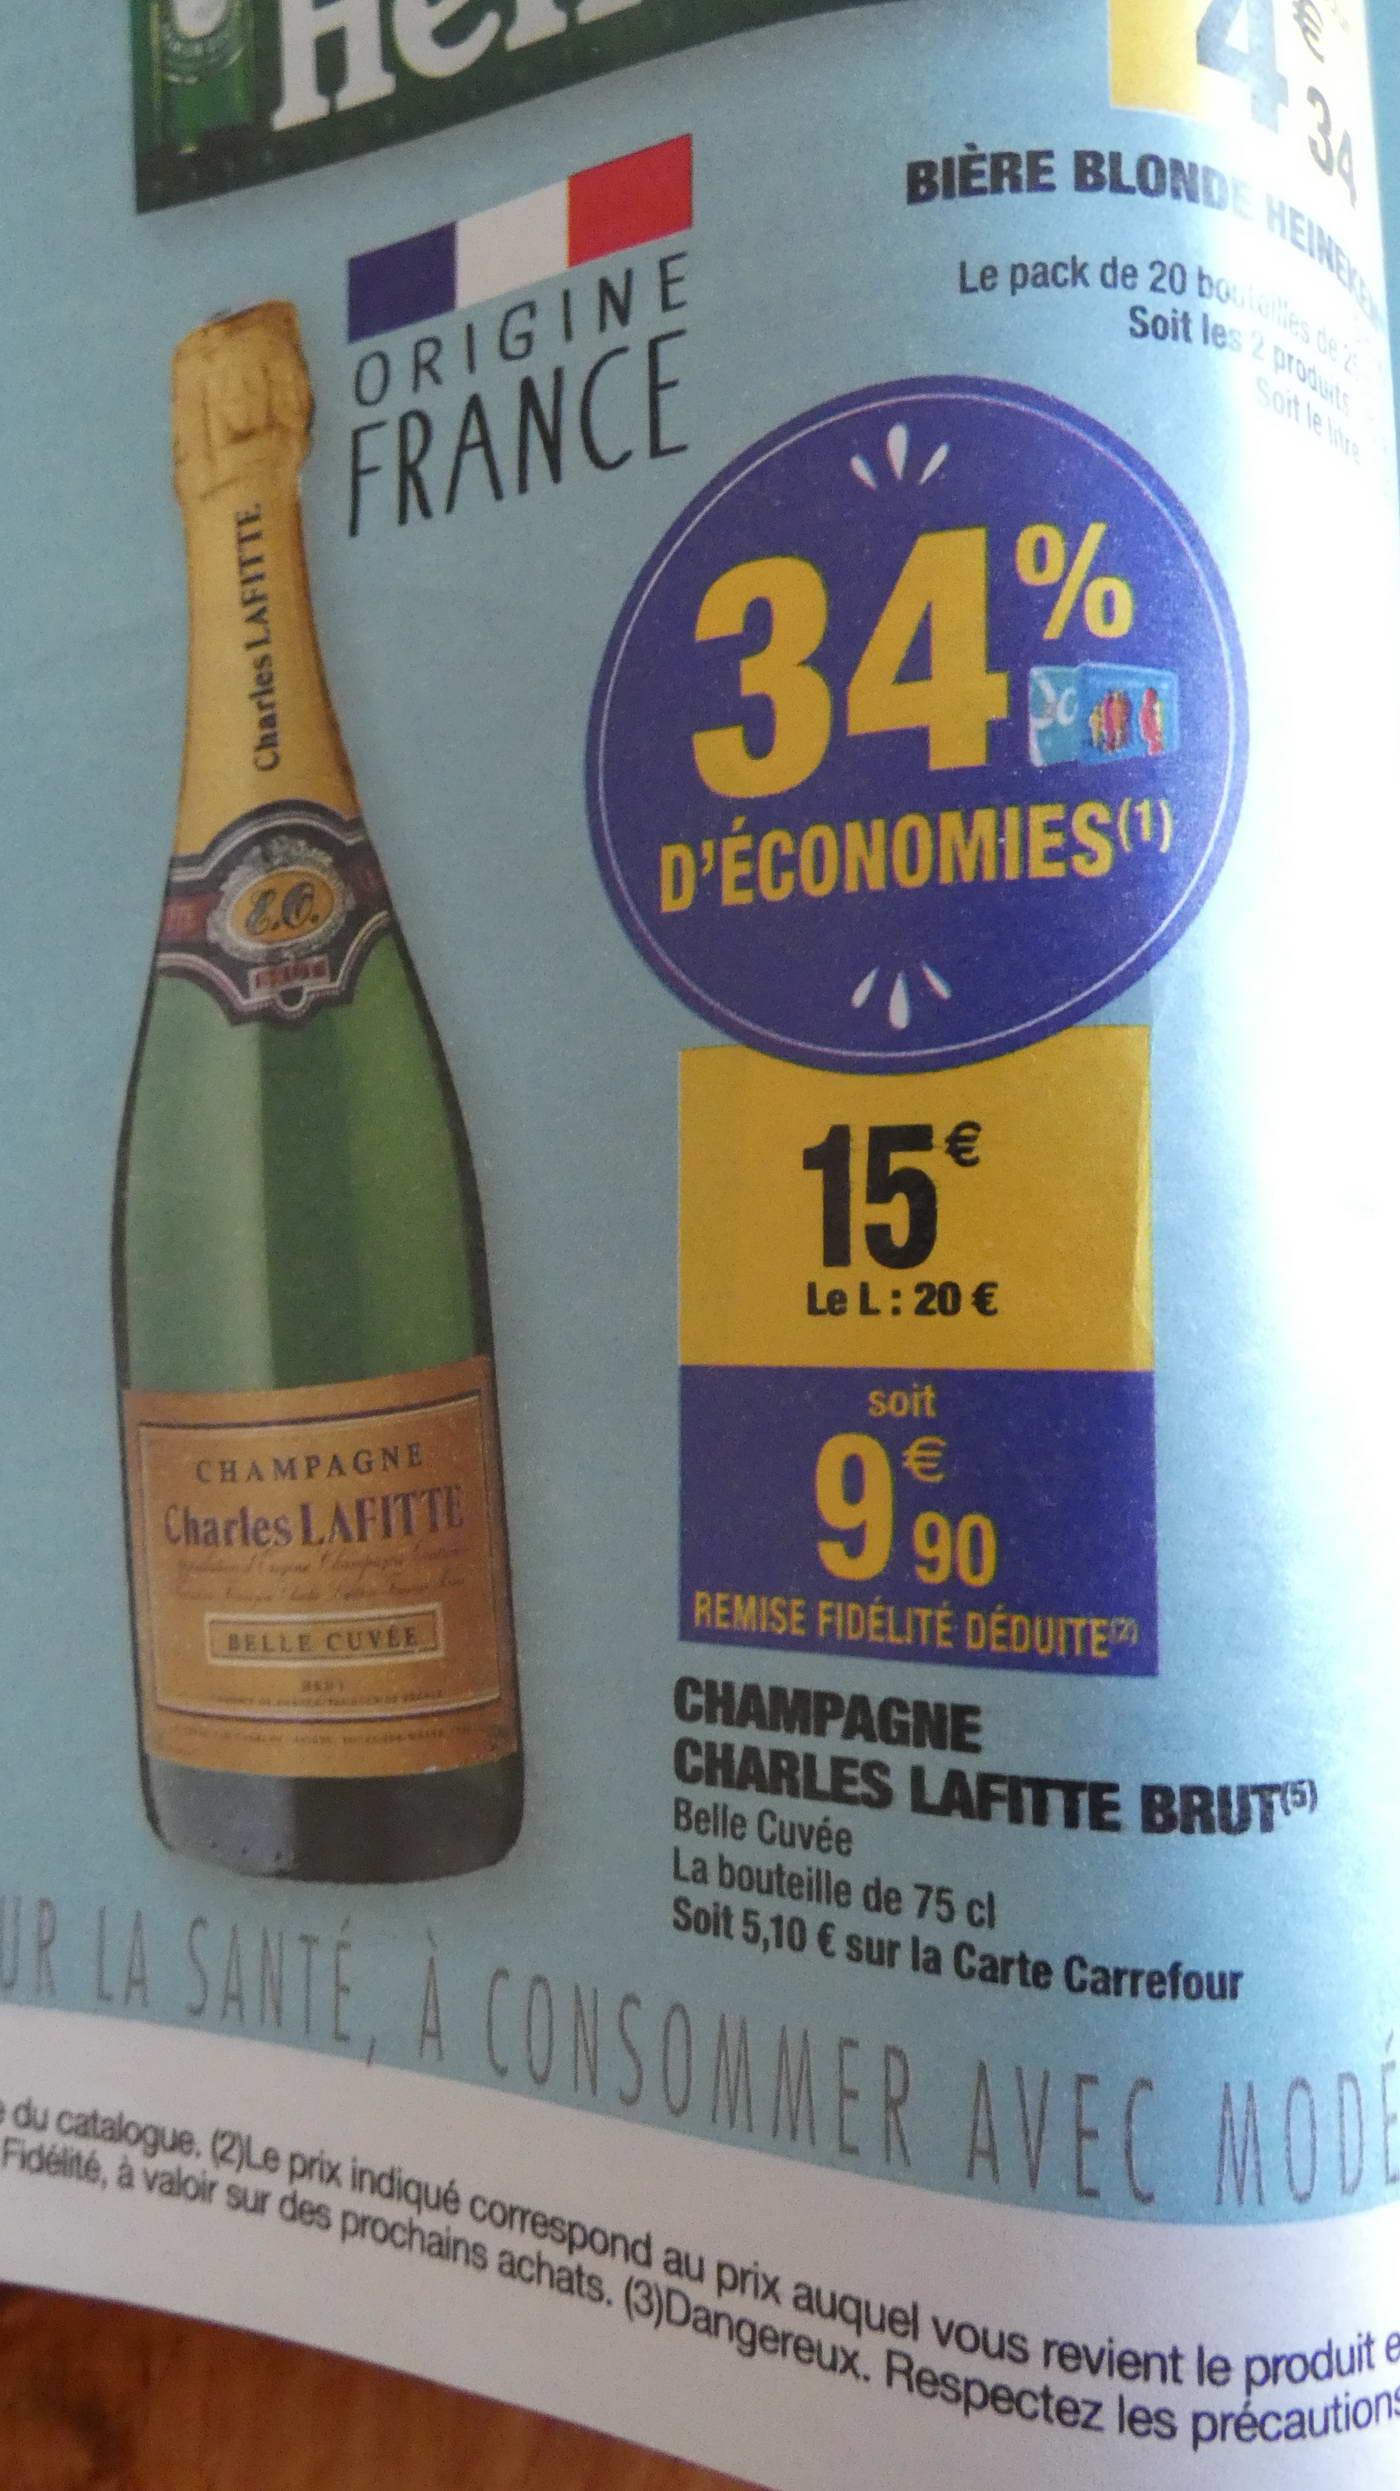 Bouteille de champagne brut Charles Lafitte Belle Cuvée - 75 cl (via 5.1€ sur la carte de fidélité)